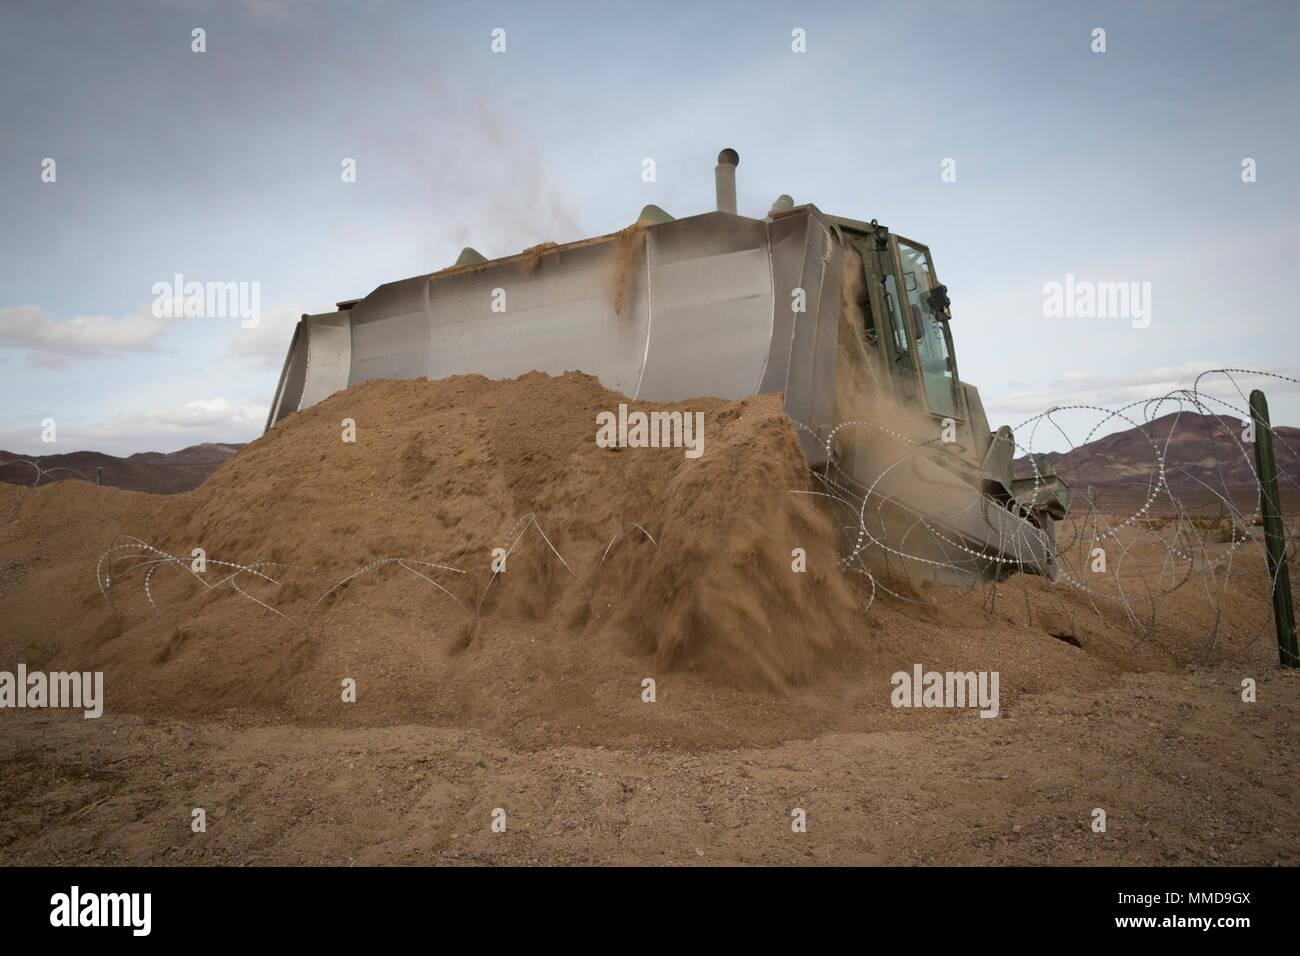 concertina Stockfotos & \'concertina Bilder - Seite 4 - Alamy